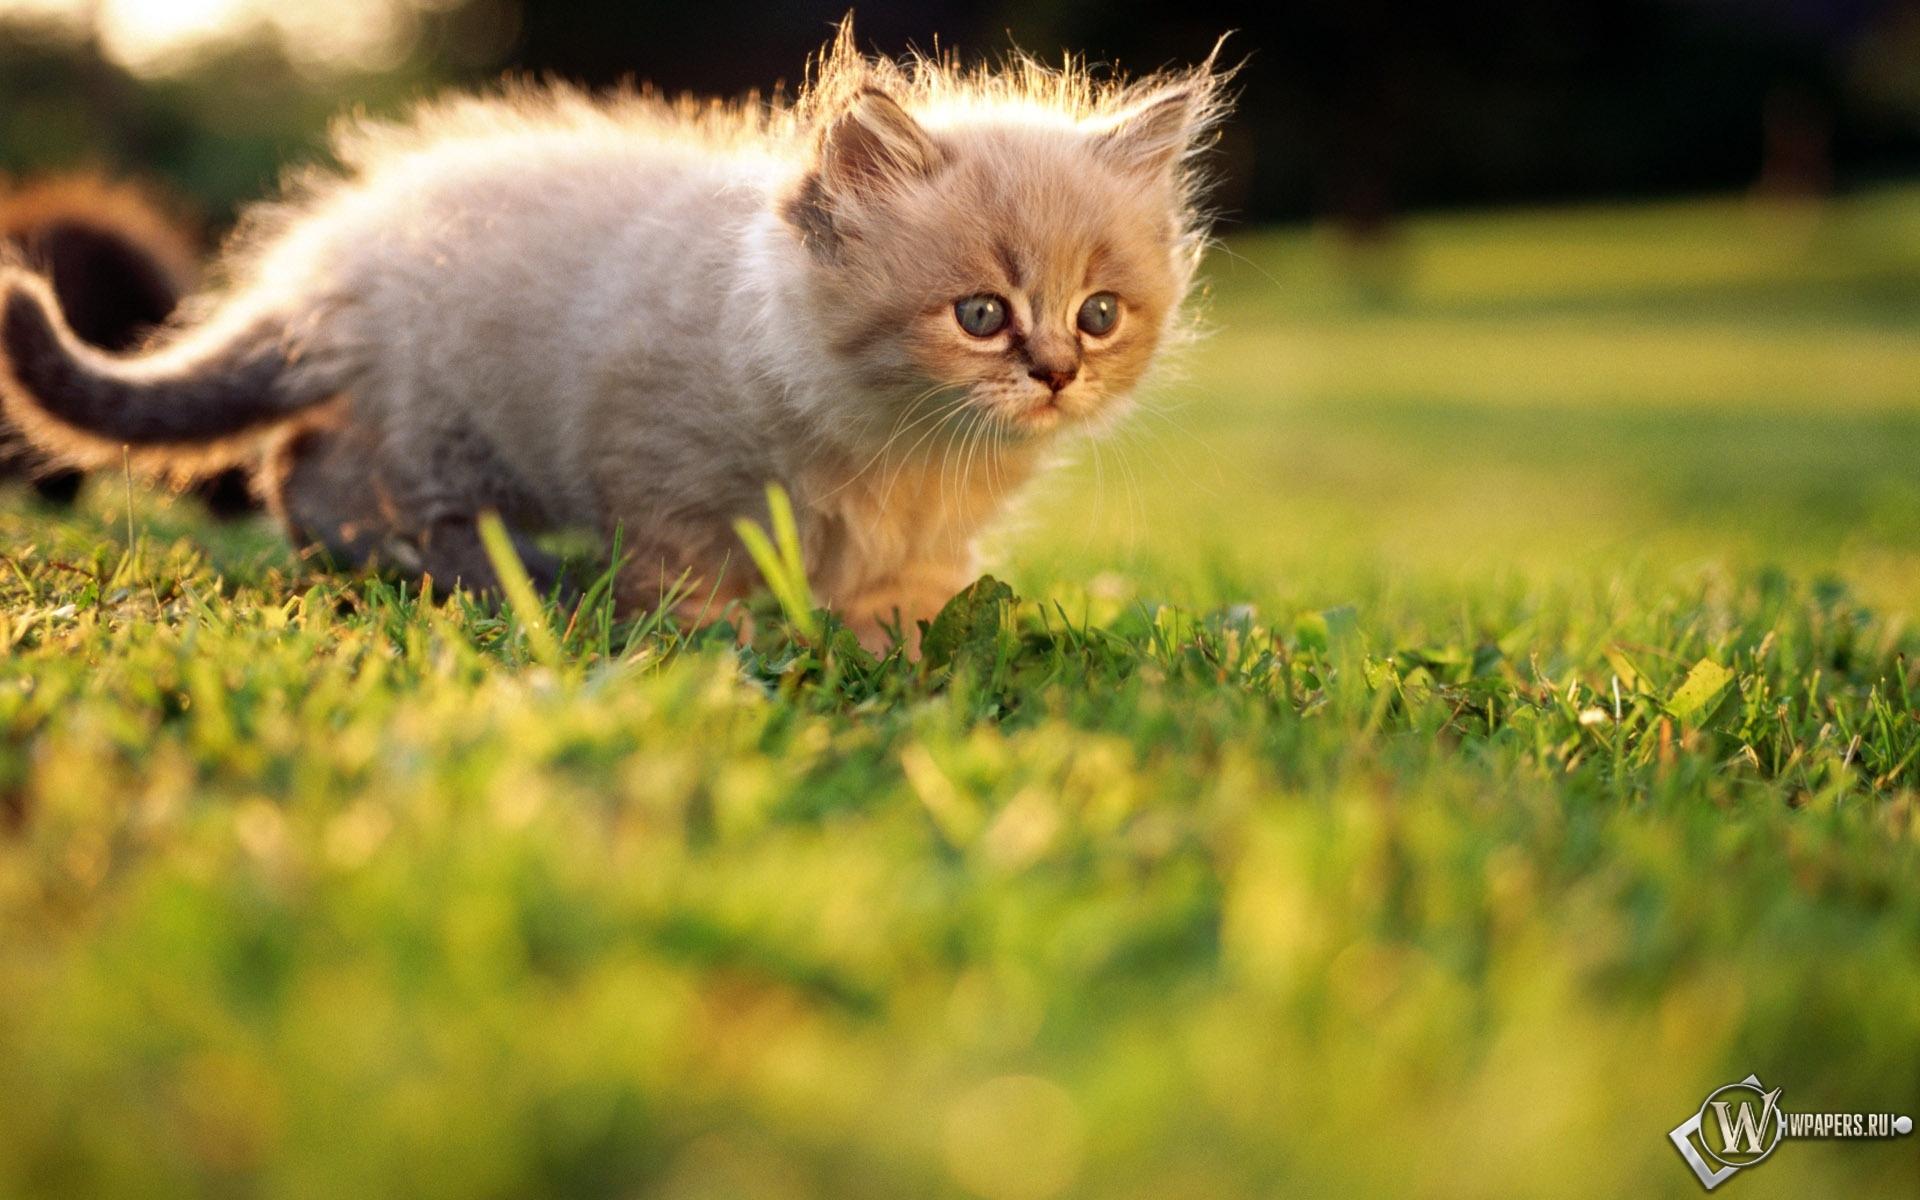 Котёнок на прогулке 1920x1200